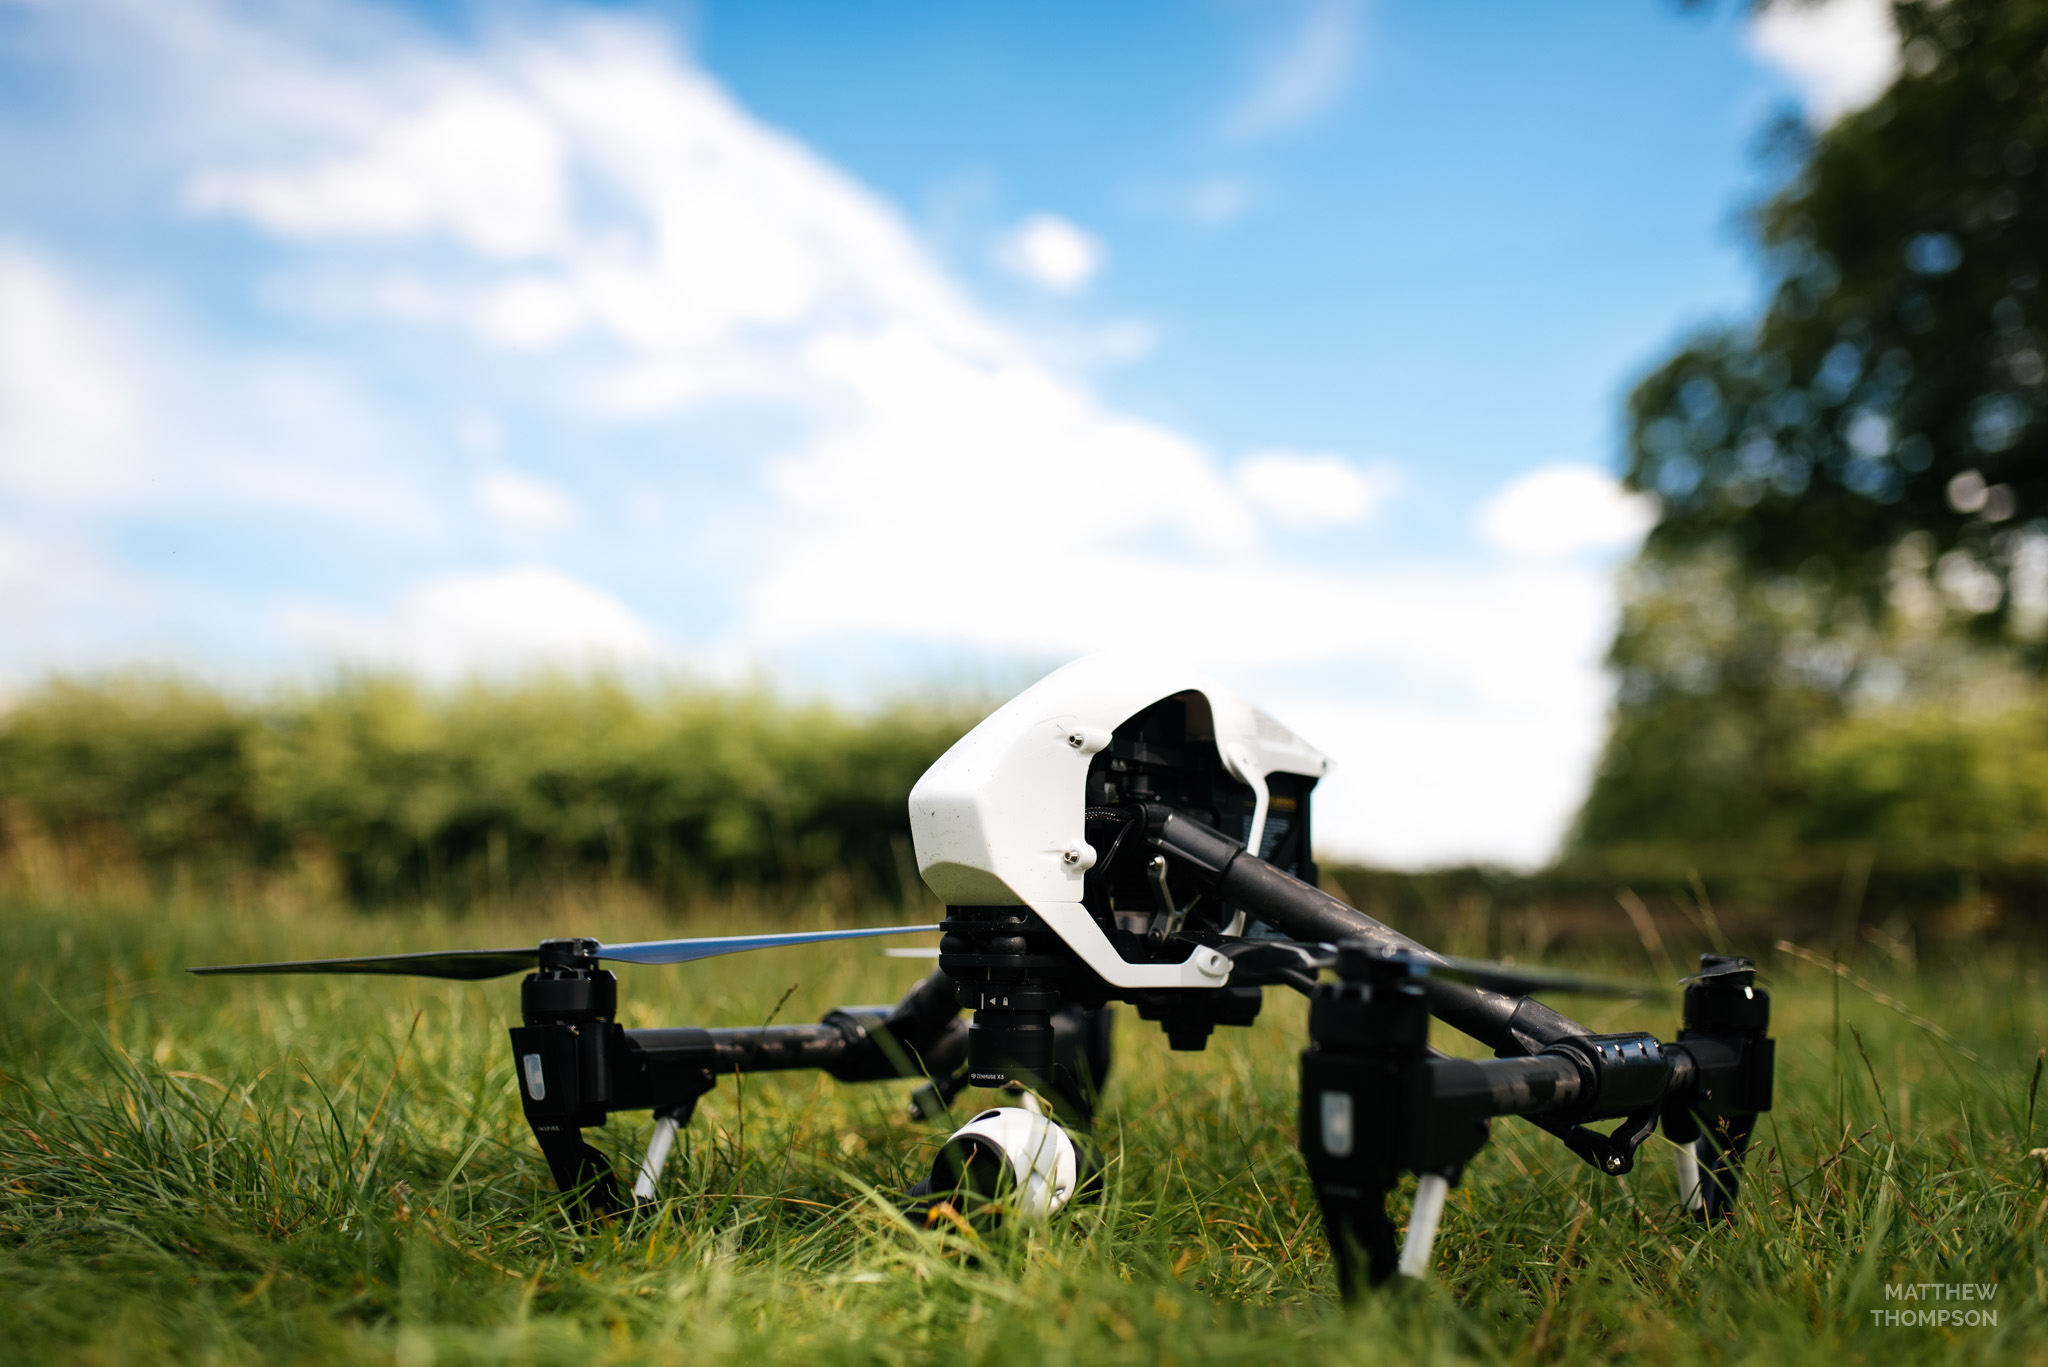 150802-Tale-of-two-TVRs-drone-27-W.jpg